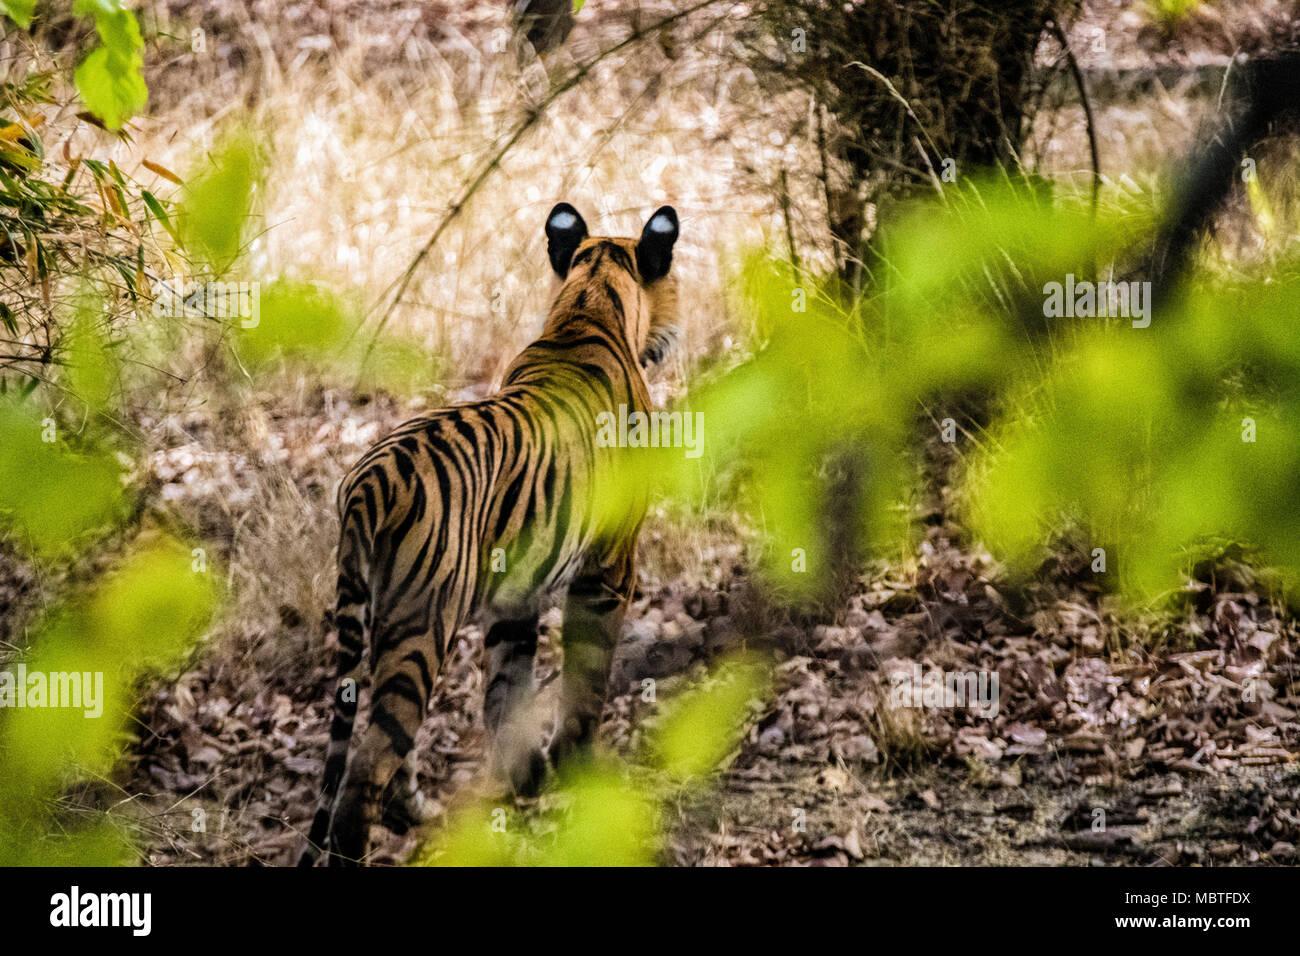 Vue arrière d'un solitaire deux ans mâles sauvages tigre du Bengale, Panthera tigris tigris, dans la jungle de la Réserve de tigres de Bandhavgarh, Inde Photo Stock